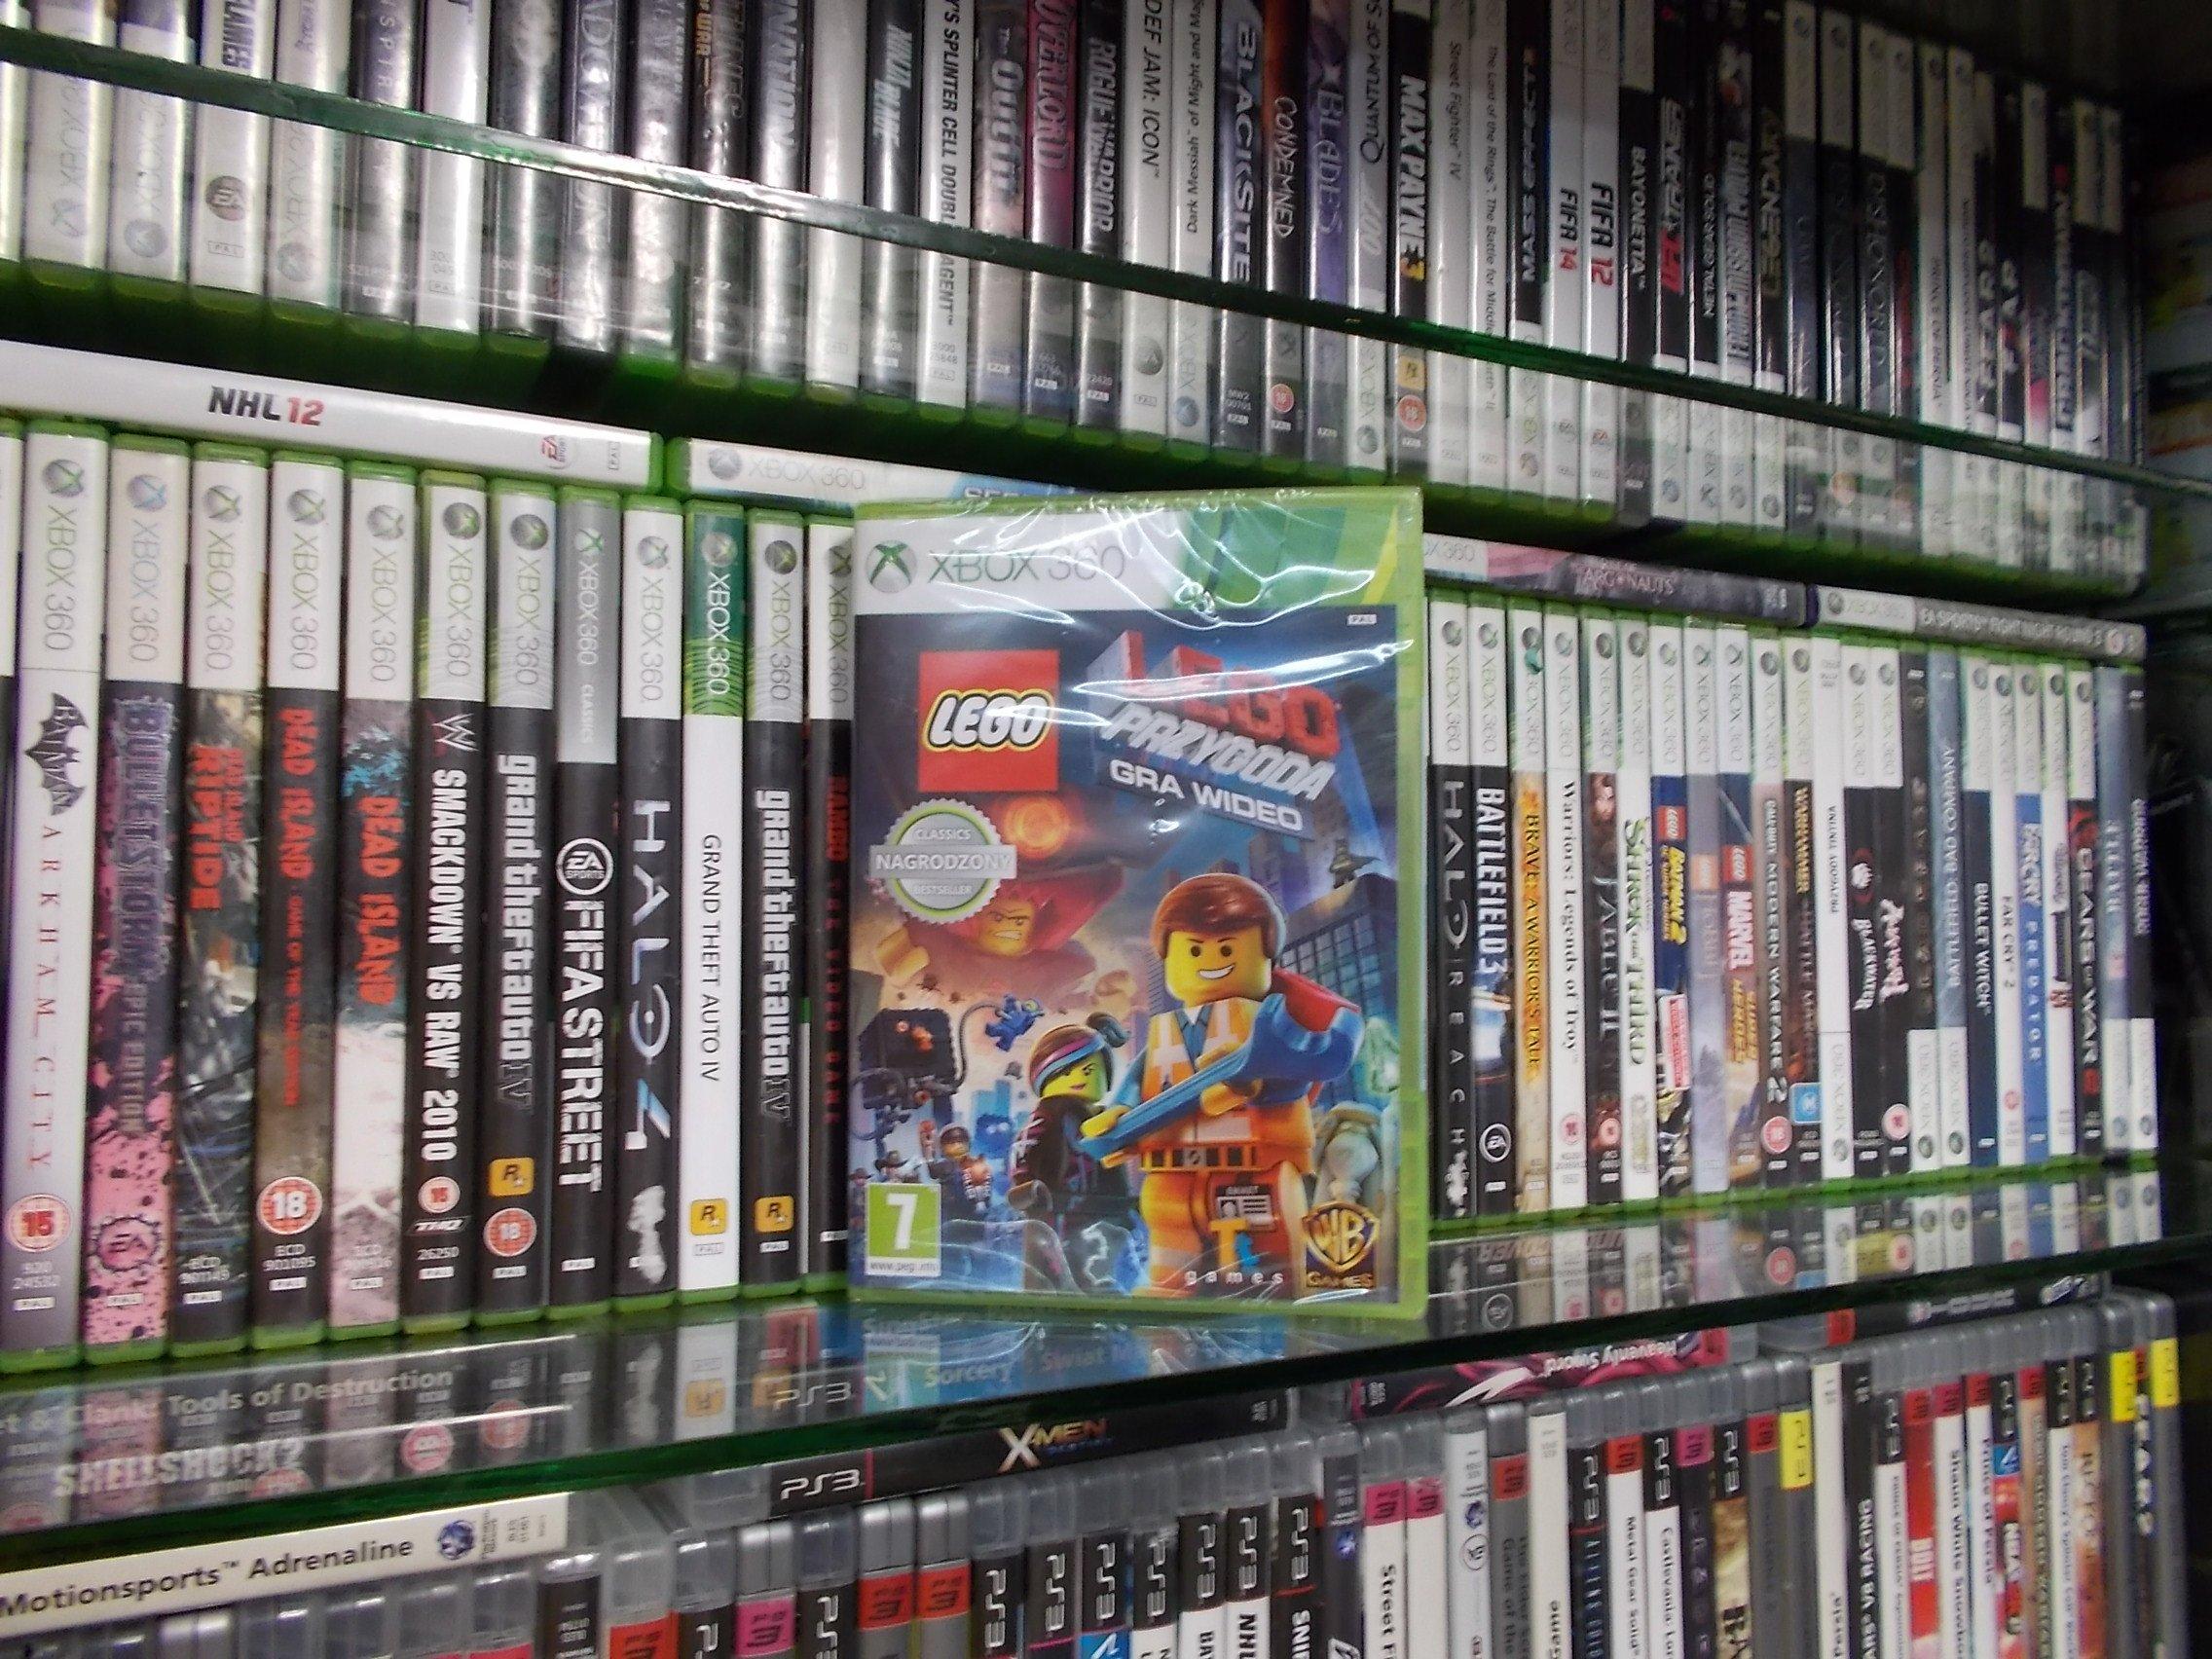 LEGO PRZYGODA PL NOWA - GRA Xbox 360 - Sklep